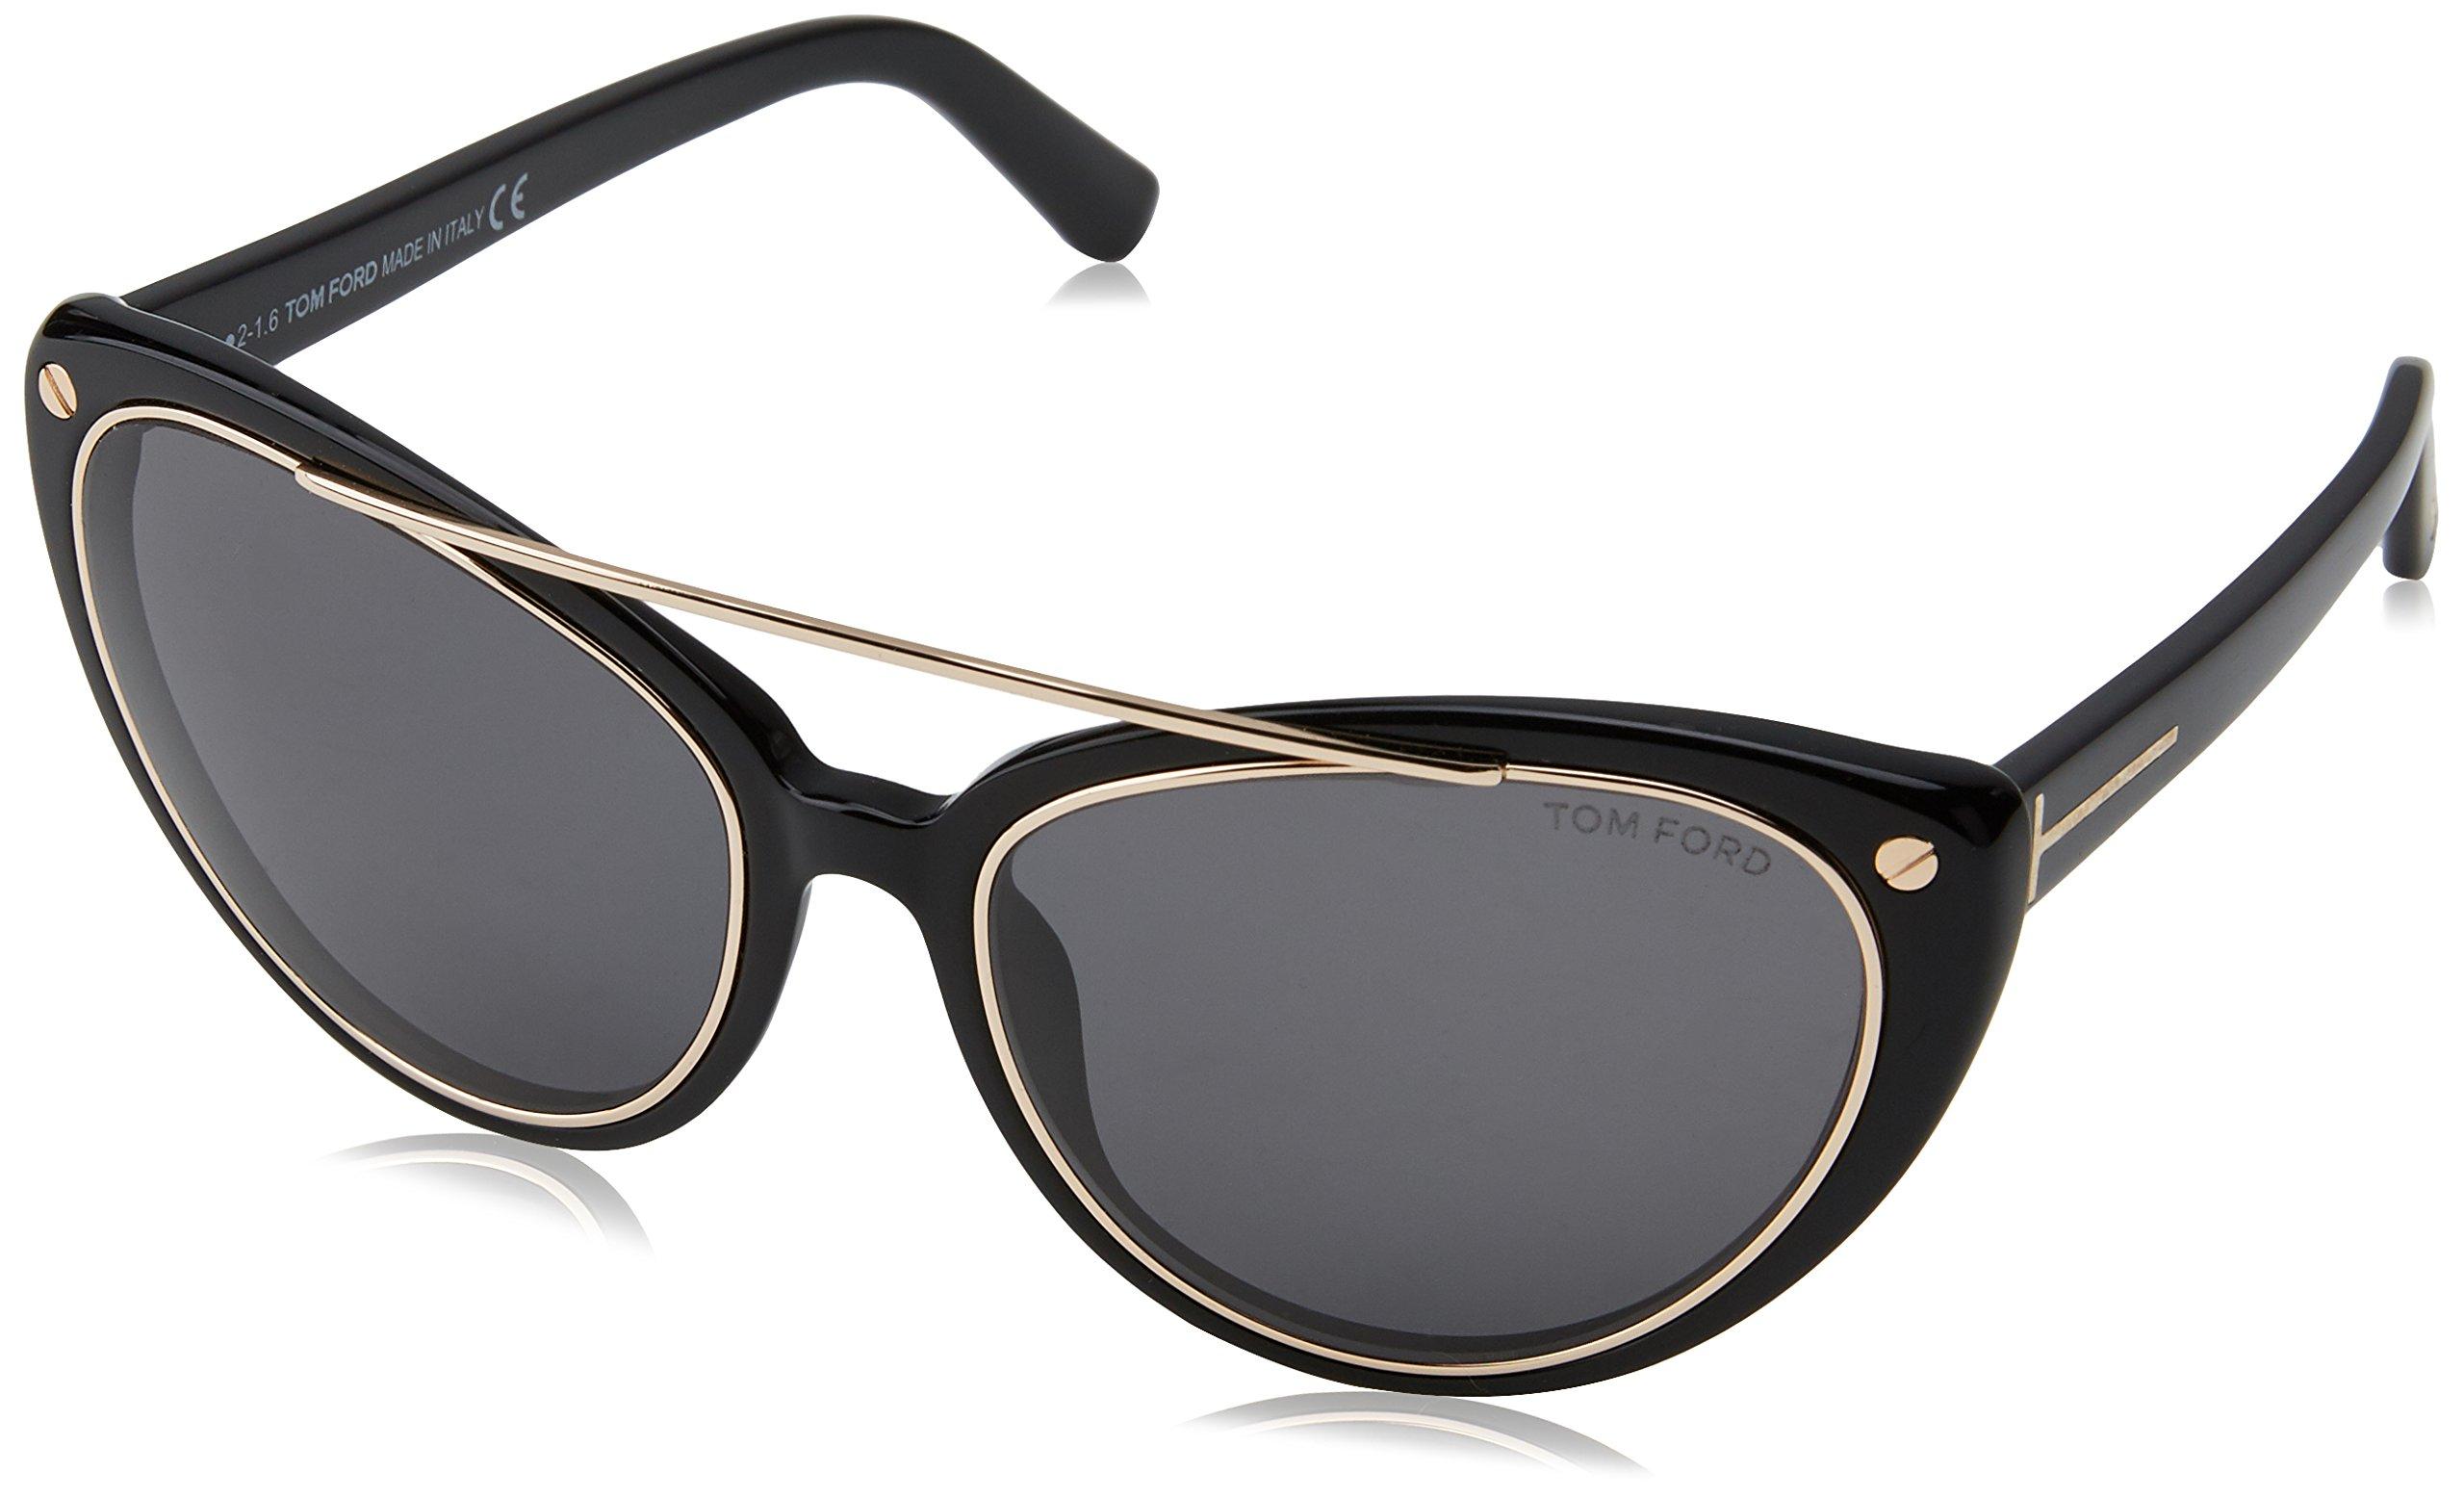 ویکالا · خرید عینک آفتابی تام فورد زنان Ft0384، سیاه، 58 اصل اورجینال · خرید از آمازون · Tom Ford Women's Sunglasses Ft0384, Black, 58 wekala · ویکالا